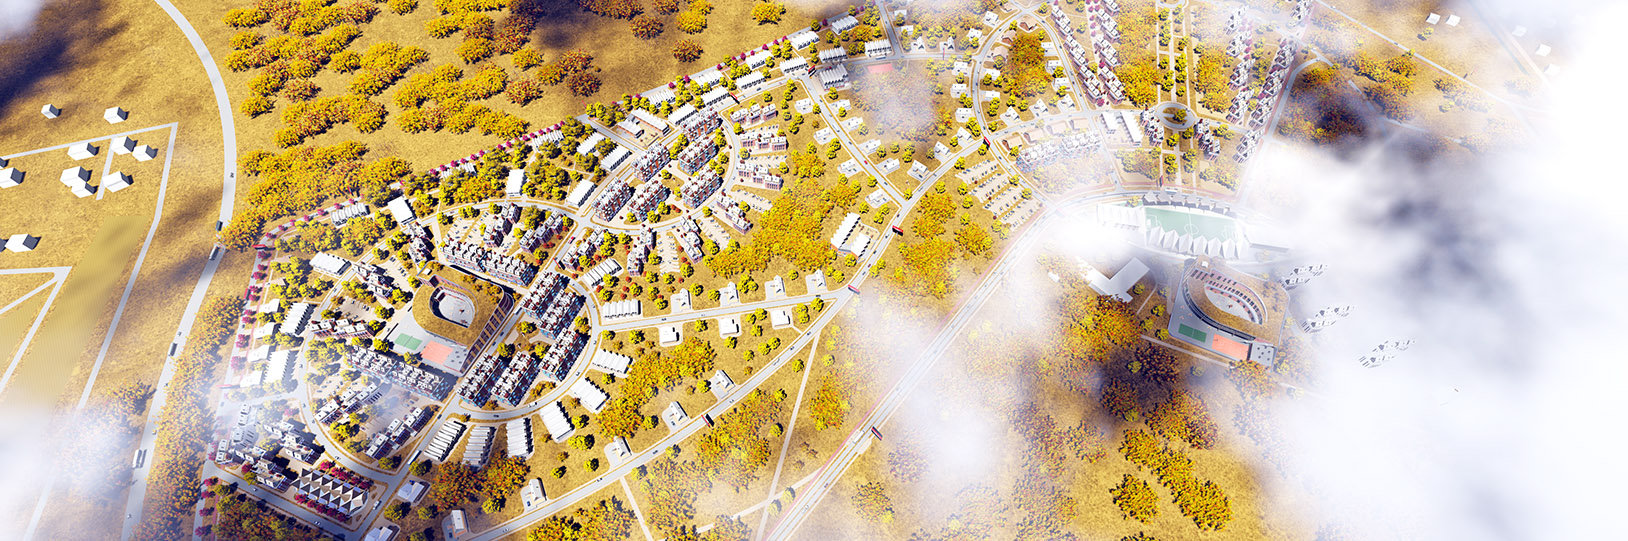 Проект микрорайона Светлый город